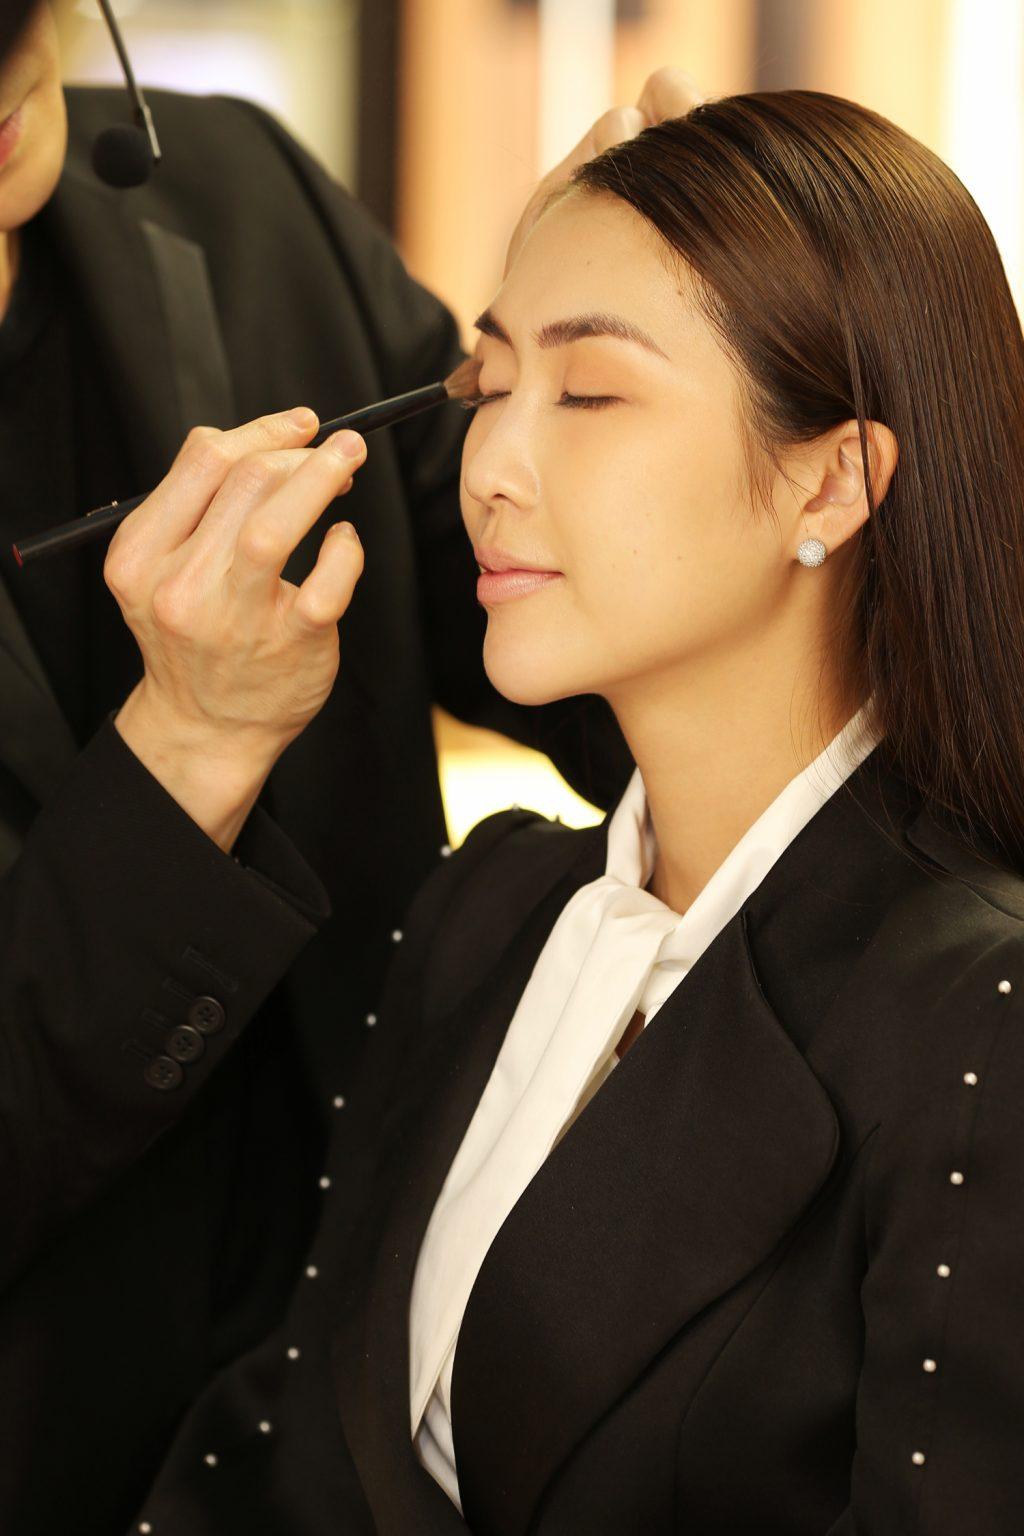 Người mẫu được Bali trang điểm mắt với tông màu nâu nhạt trong bảng màu Skin Deep Eyeshadow Palette, nhẹ nhàng, tự nhiên và quyến rũ.